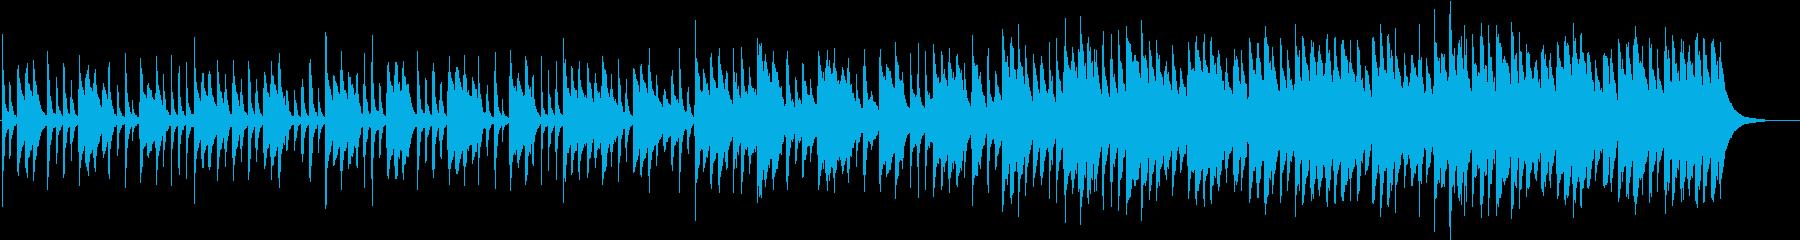 ピアノ&ハンドクラッピングの再生済みの波形